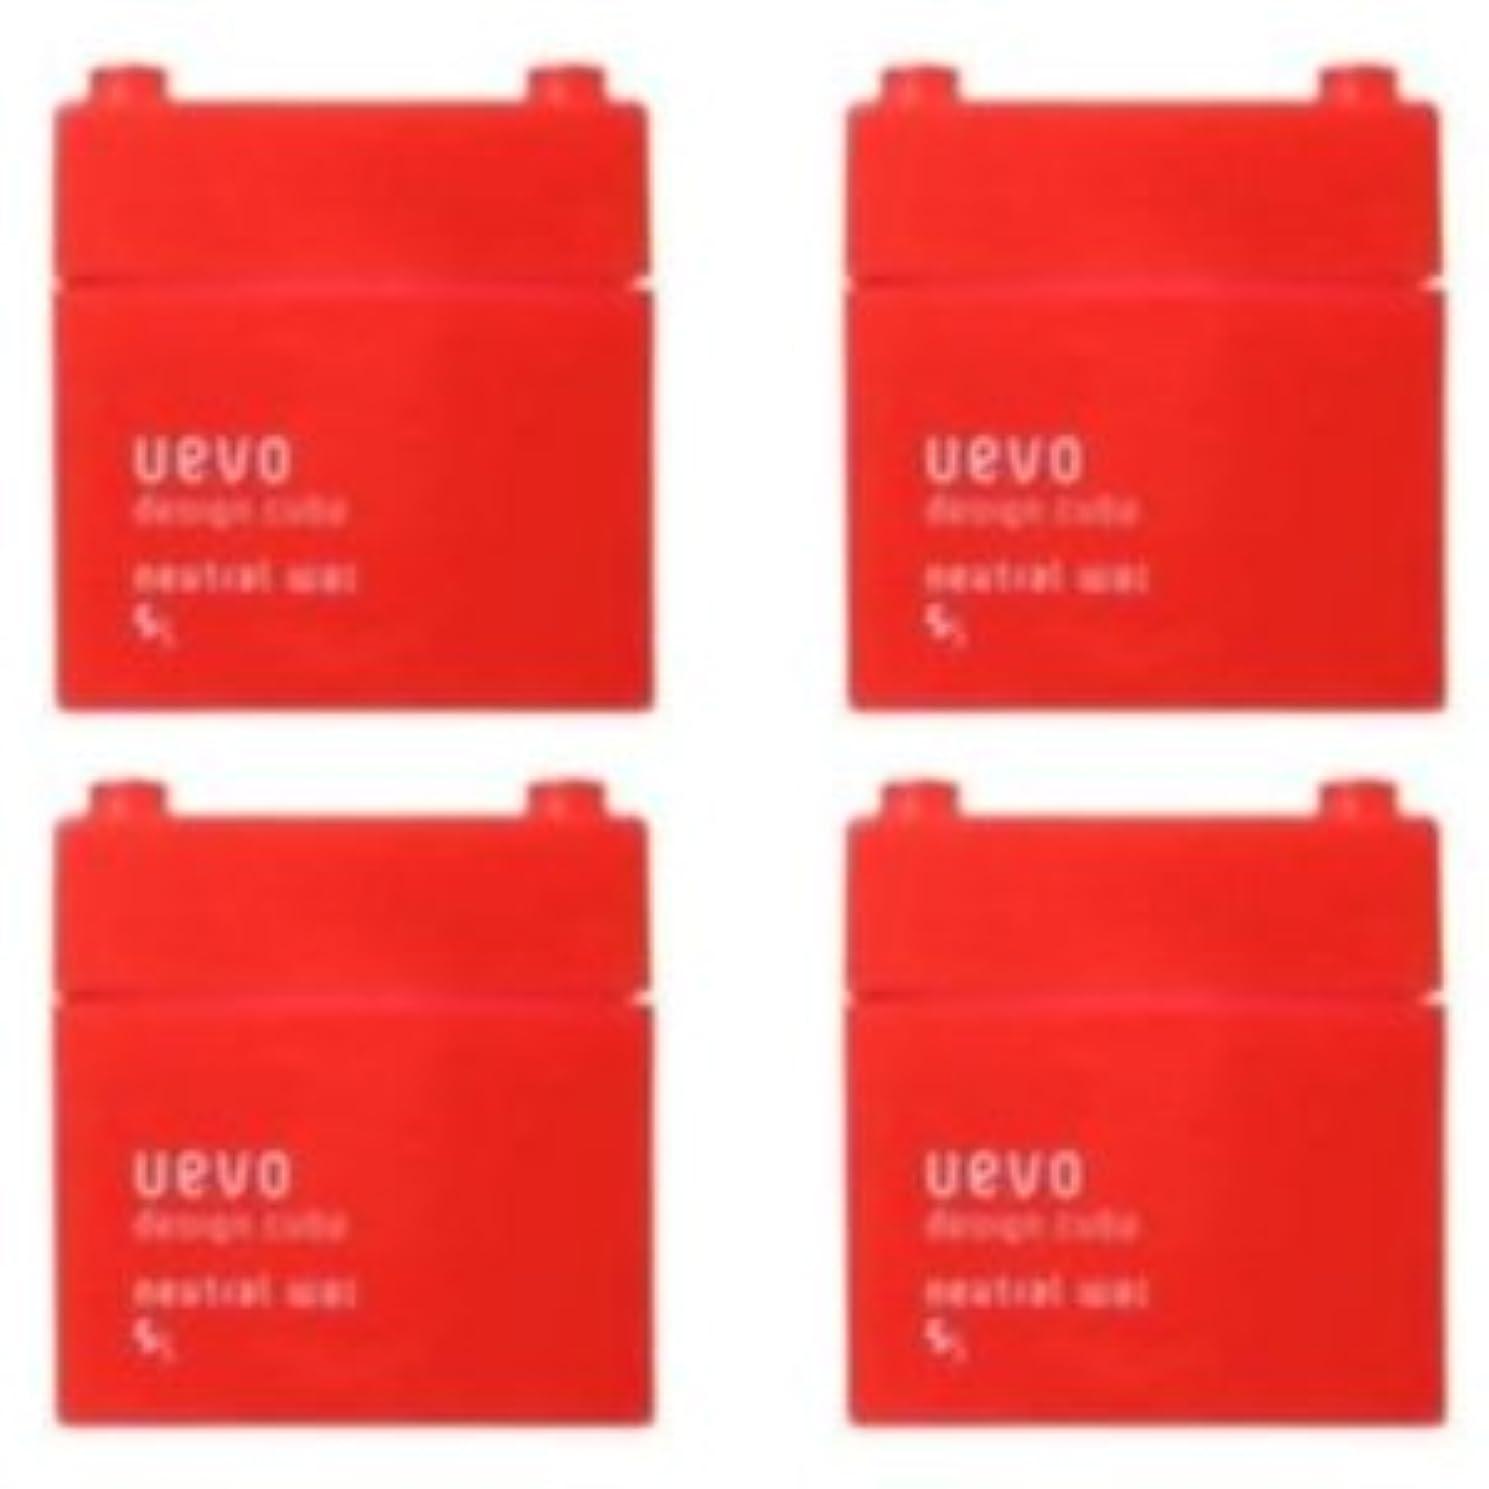 感情成功するステートメント【X4個セット】 デミ ウェーボ デザインキューブ ニュートラルワックス 80g neutral wax DEMI uevo design cube